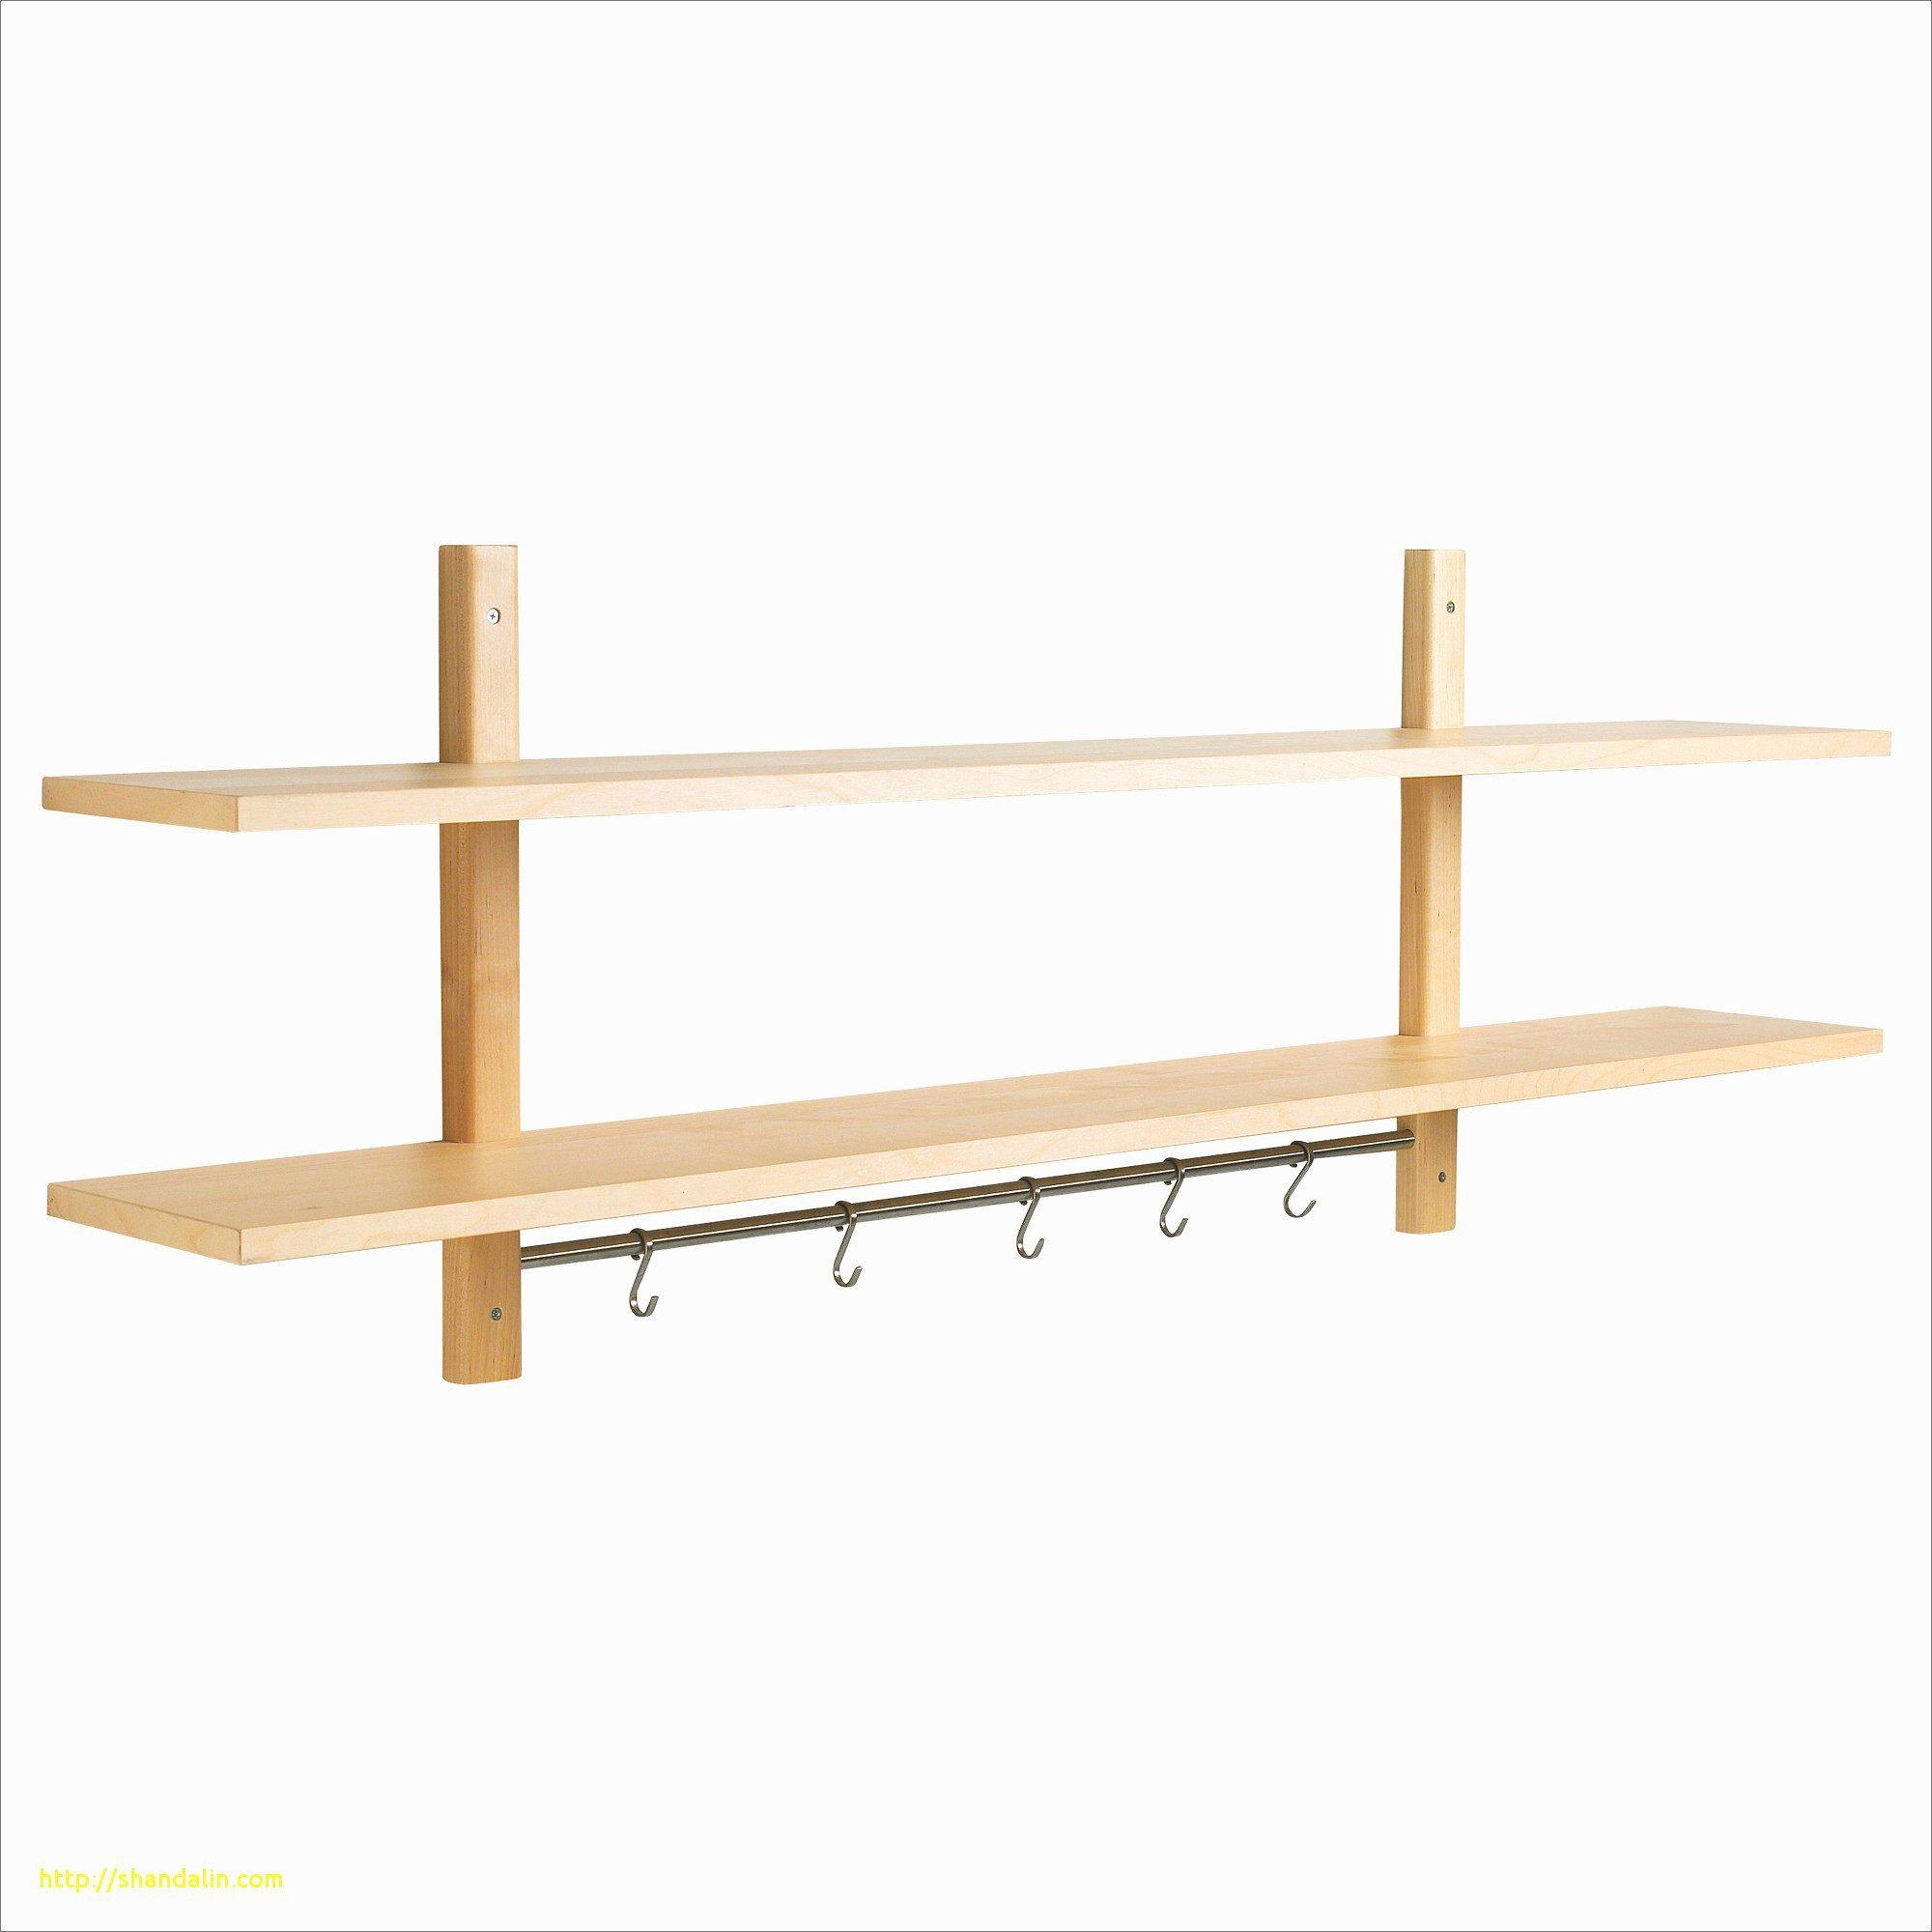 Tete De Lit Ikea Agréable Exceptionnel Etagere Tete De Lit Ikea Sur Tete De Lit Ikea 180